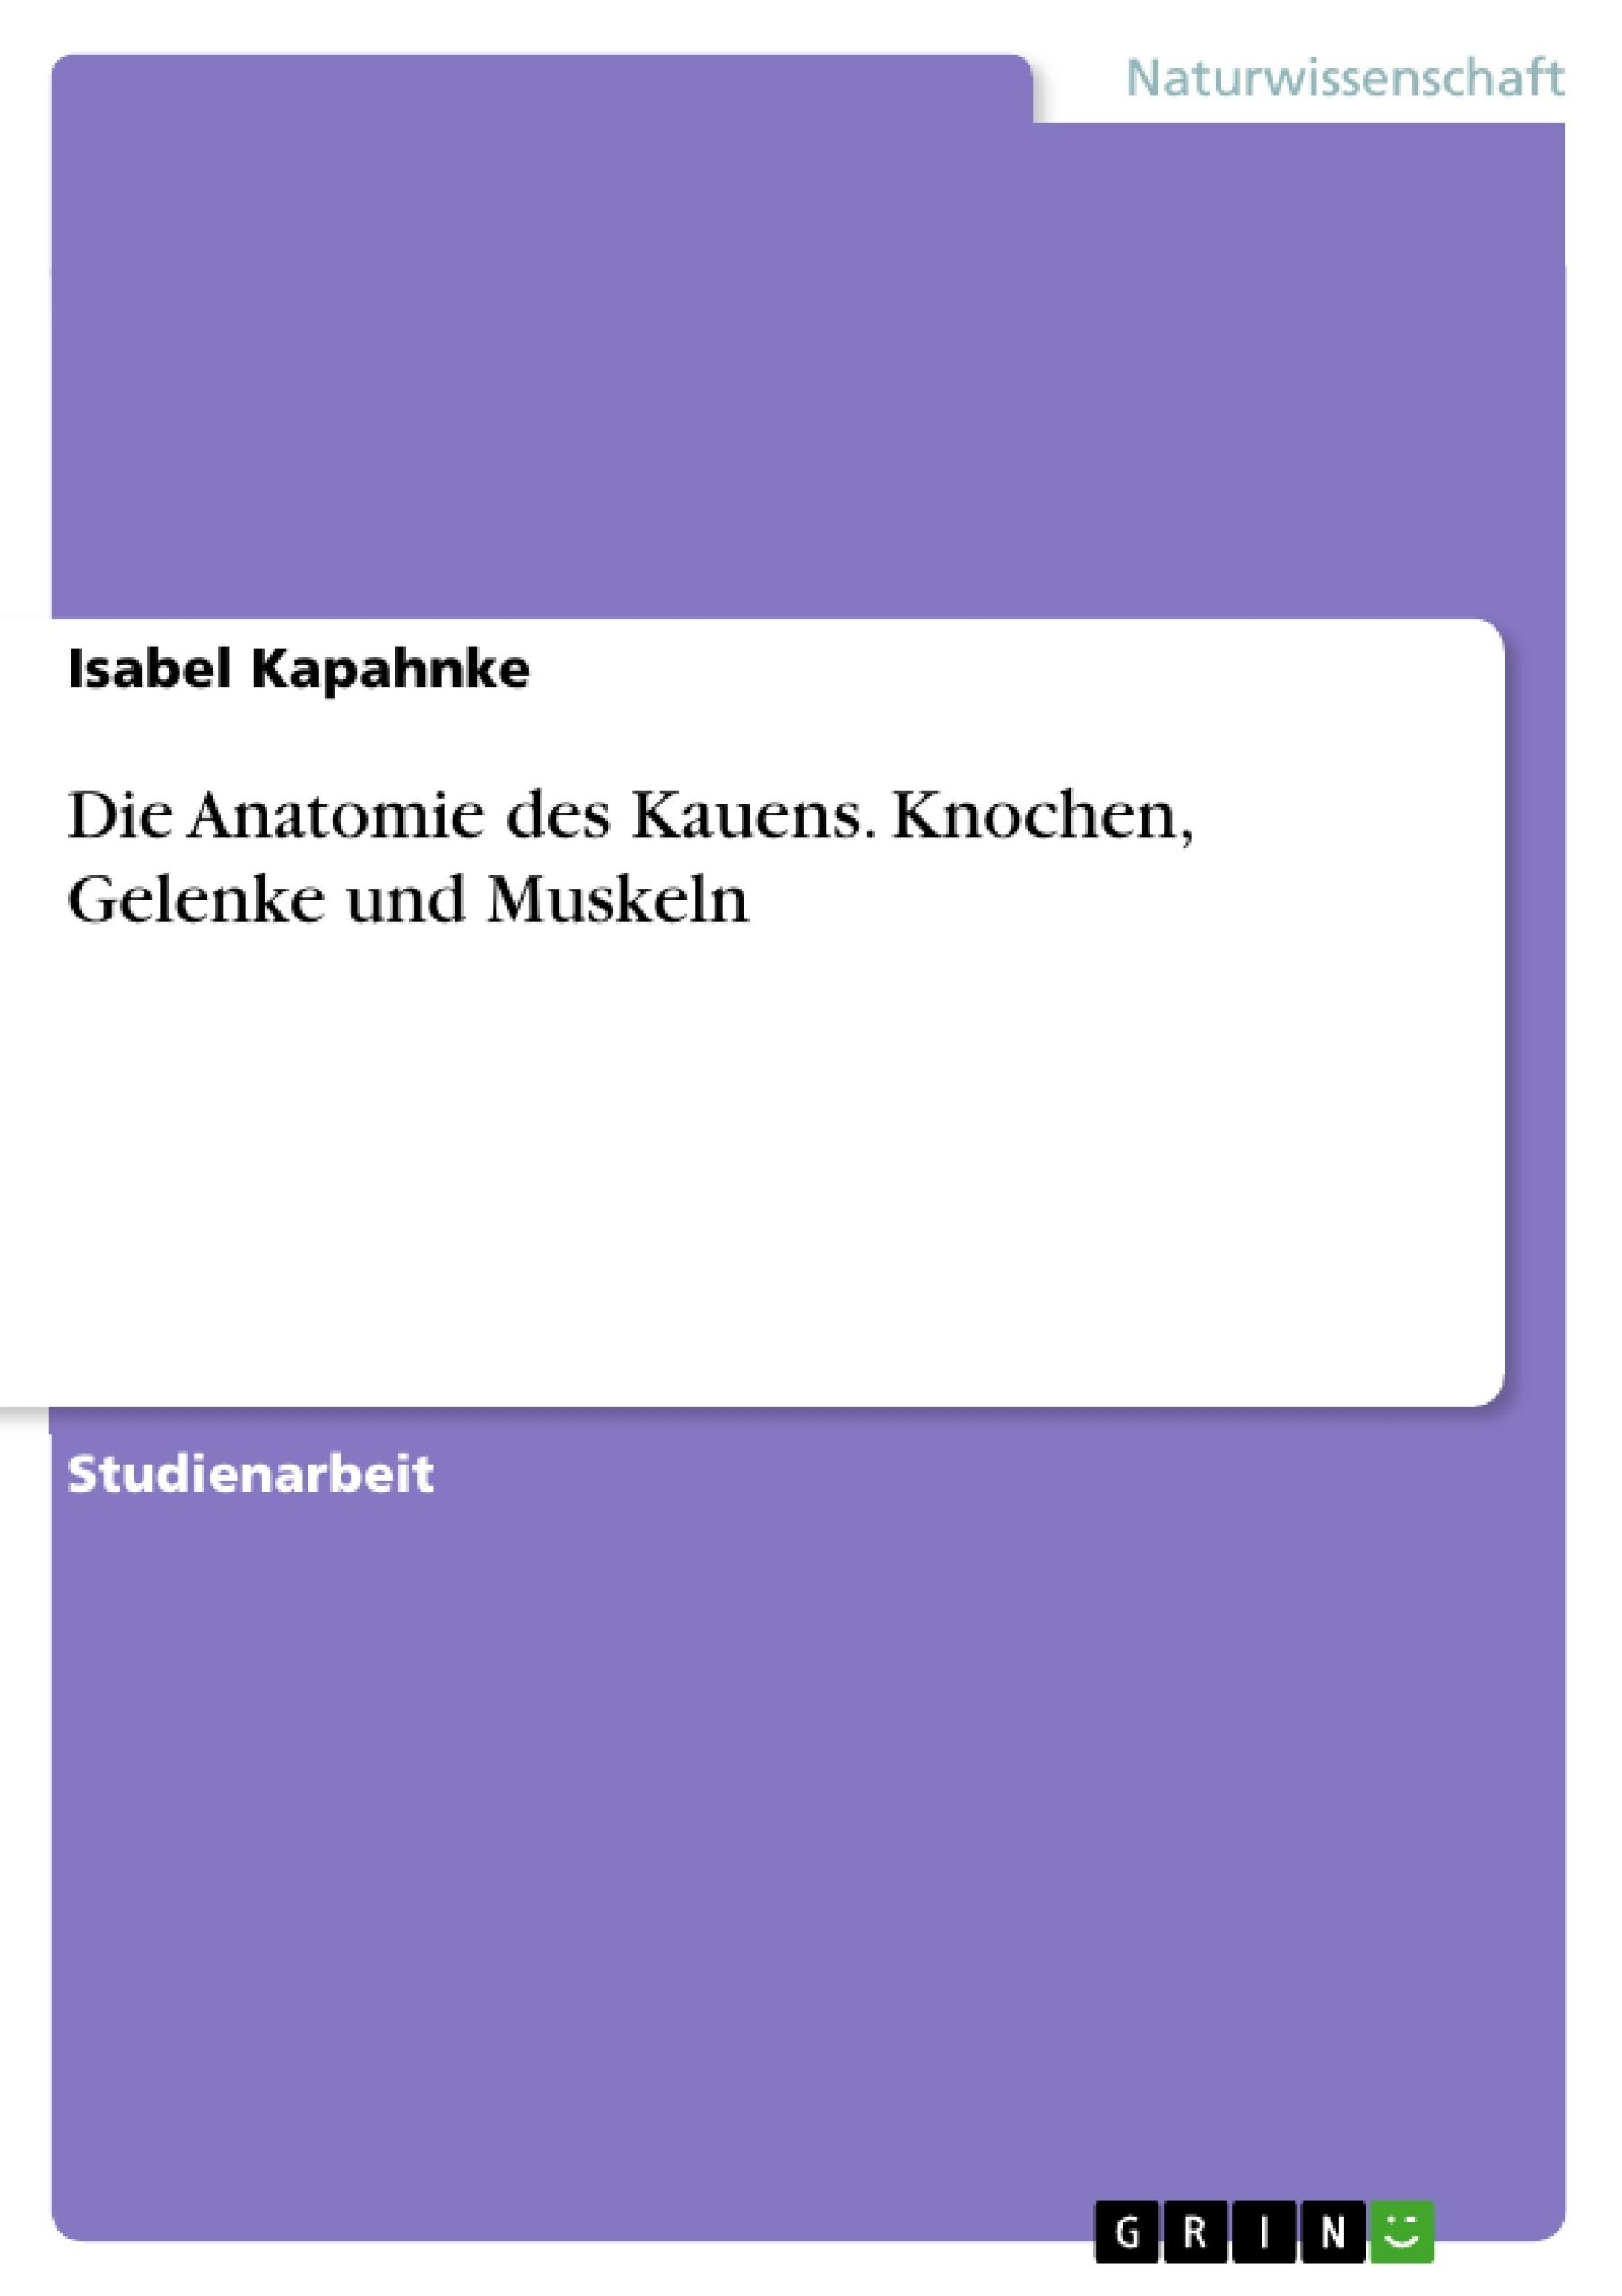 Die Anatomie des Kauens. Knochen, Gelenke und Muskeln | Masterarbeit ...